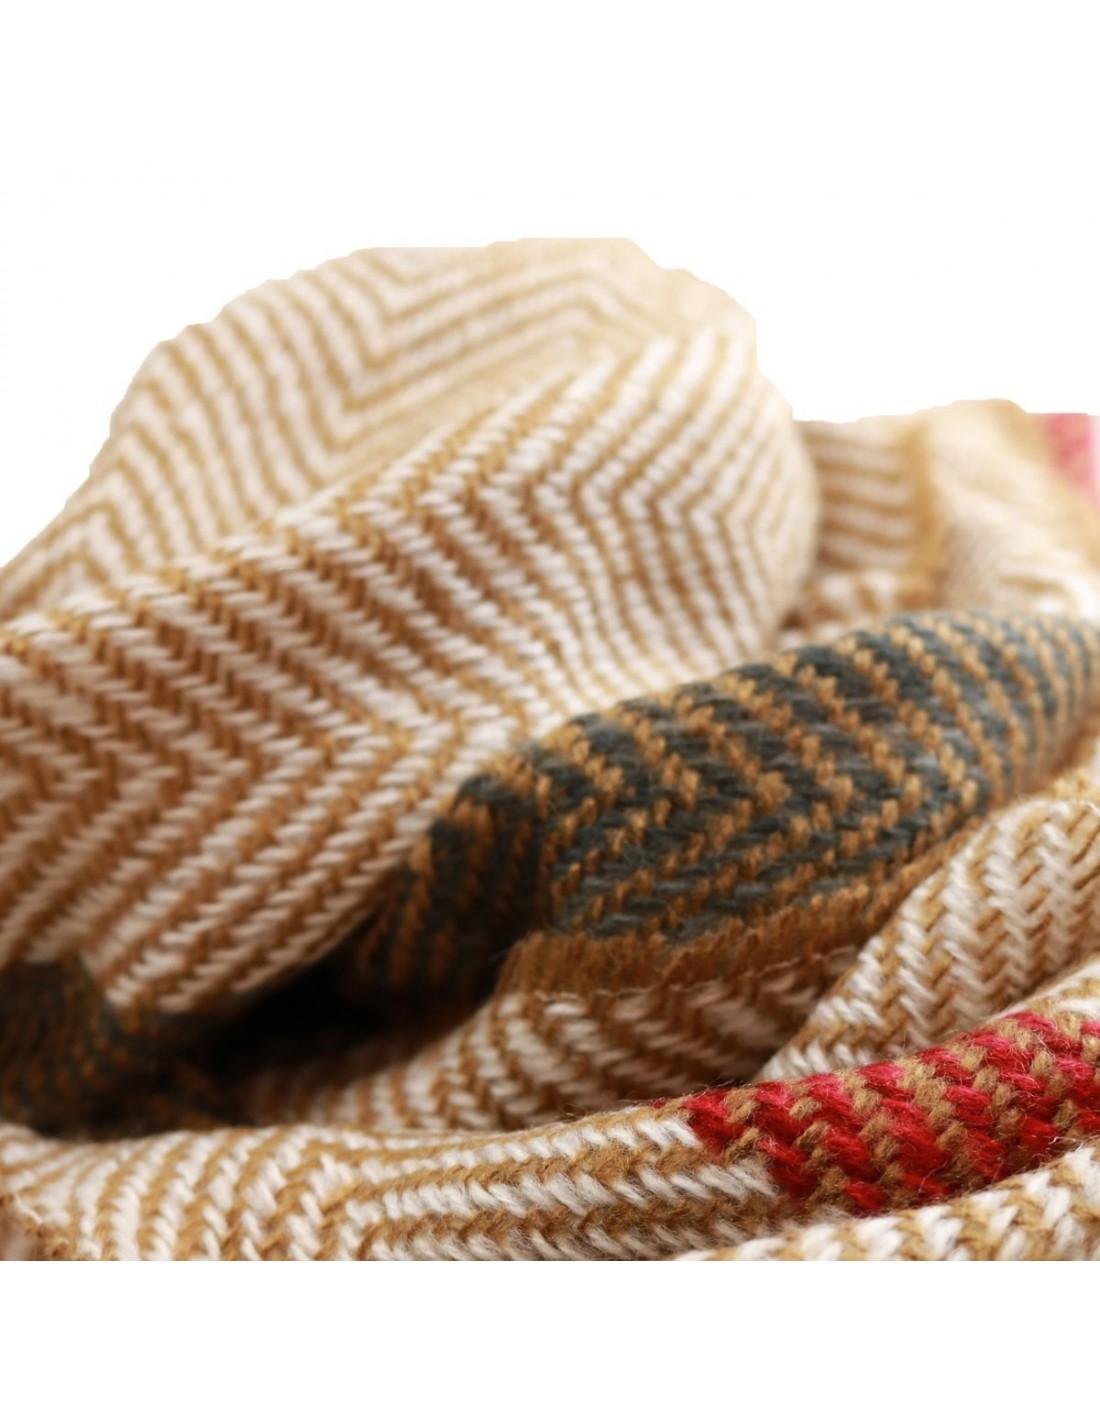 c785878b1ab9 ... Echarpe femme longue en laine tons beige , moutarde, bordeaux et kaki  motif rayure triangle